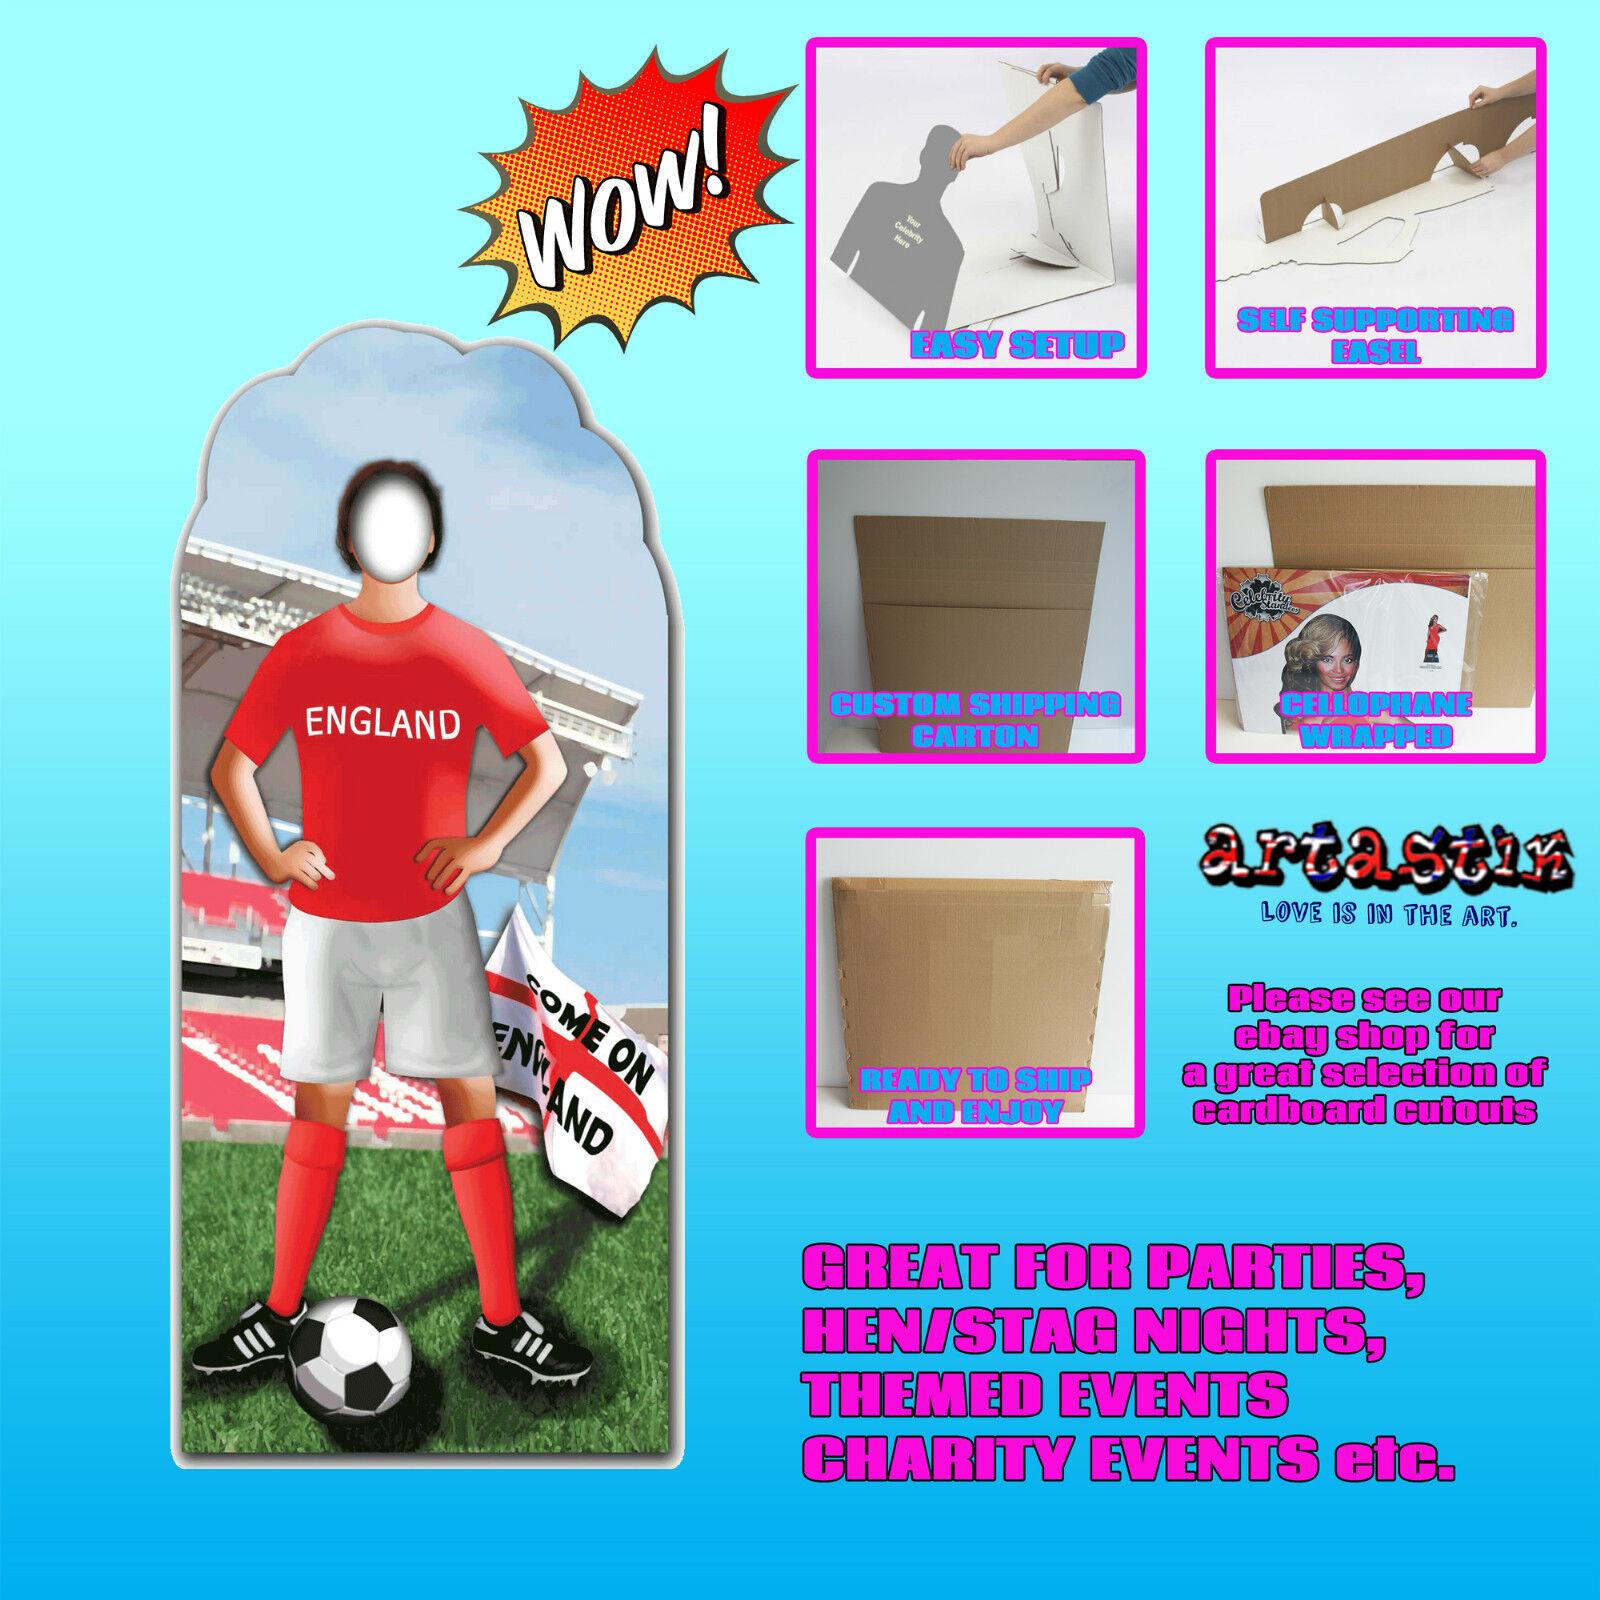 ENGLAND FOOTBALL LIFEGröße CARDBOARD CUTOUT STANDUP STANDEE SC199 SC199 SC199 9798d5